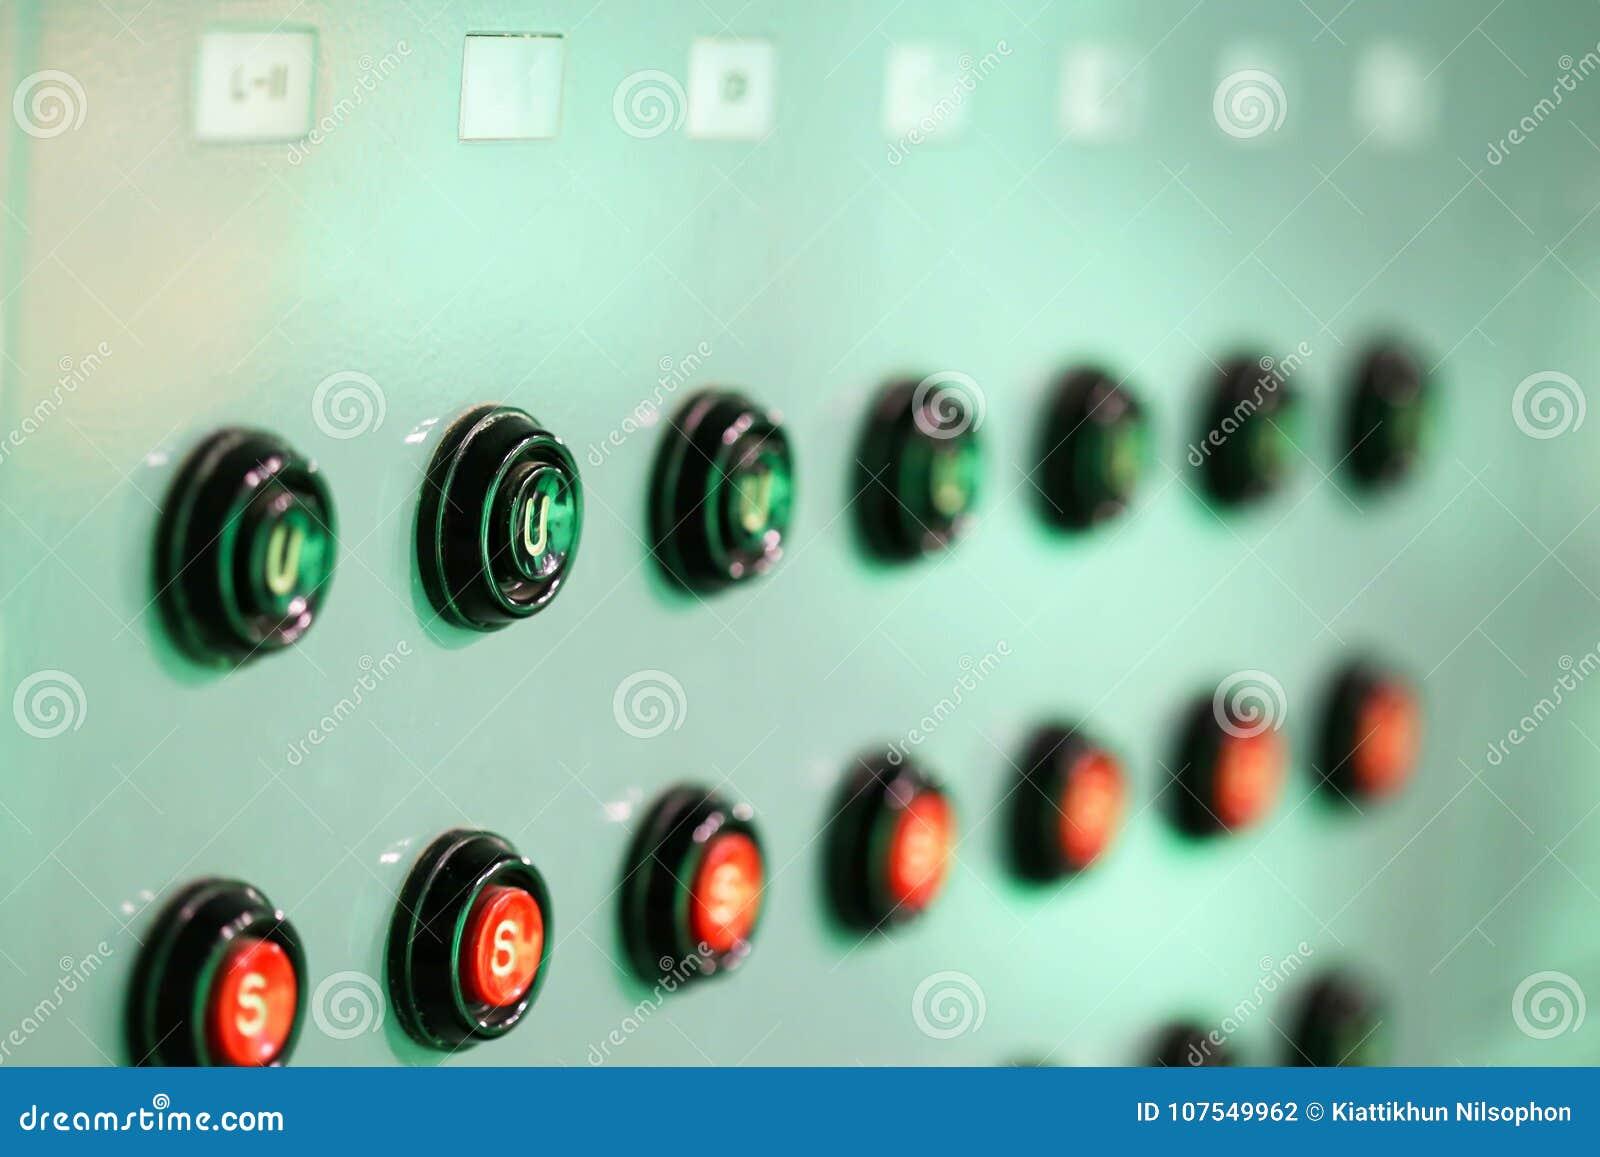 Ilumina técnicos controlam o estúdio Misturador claro profissional